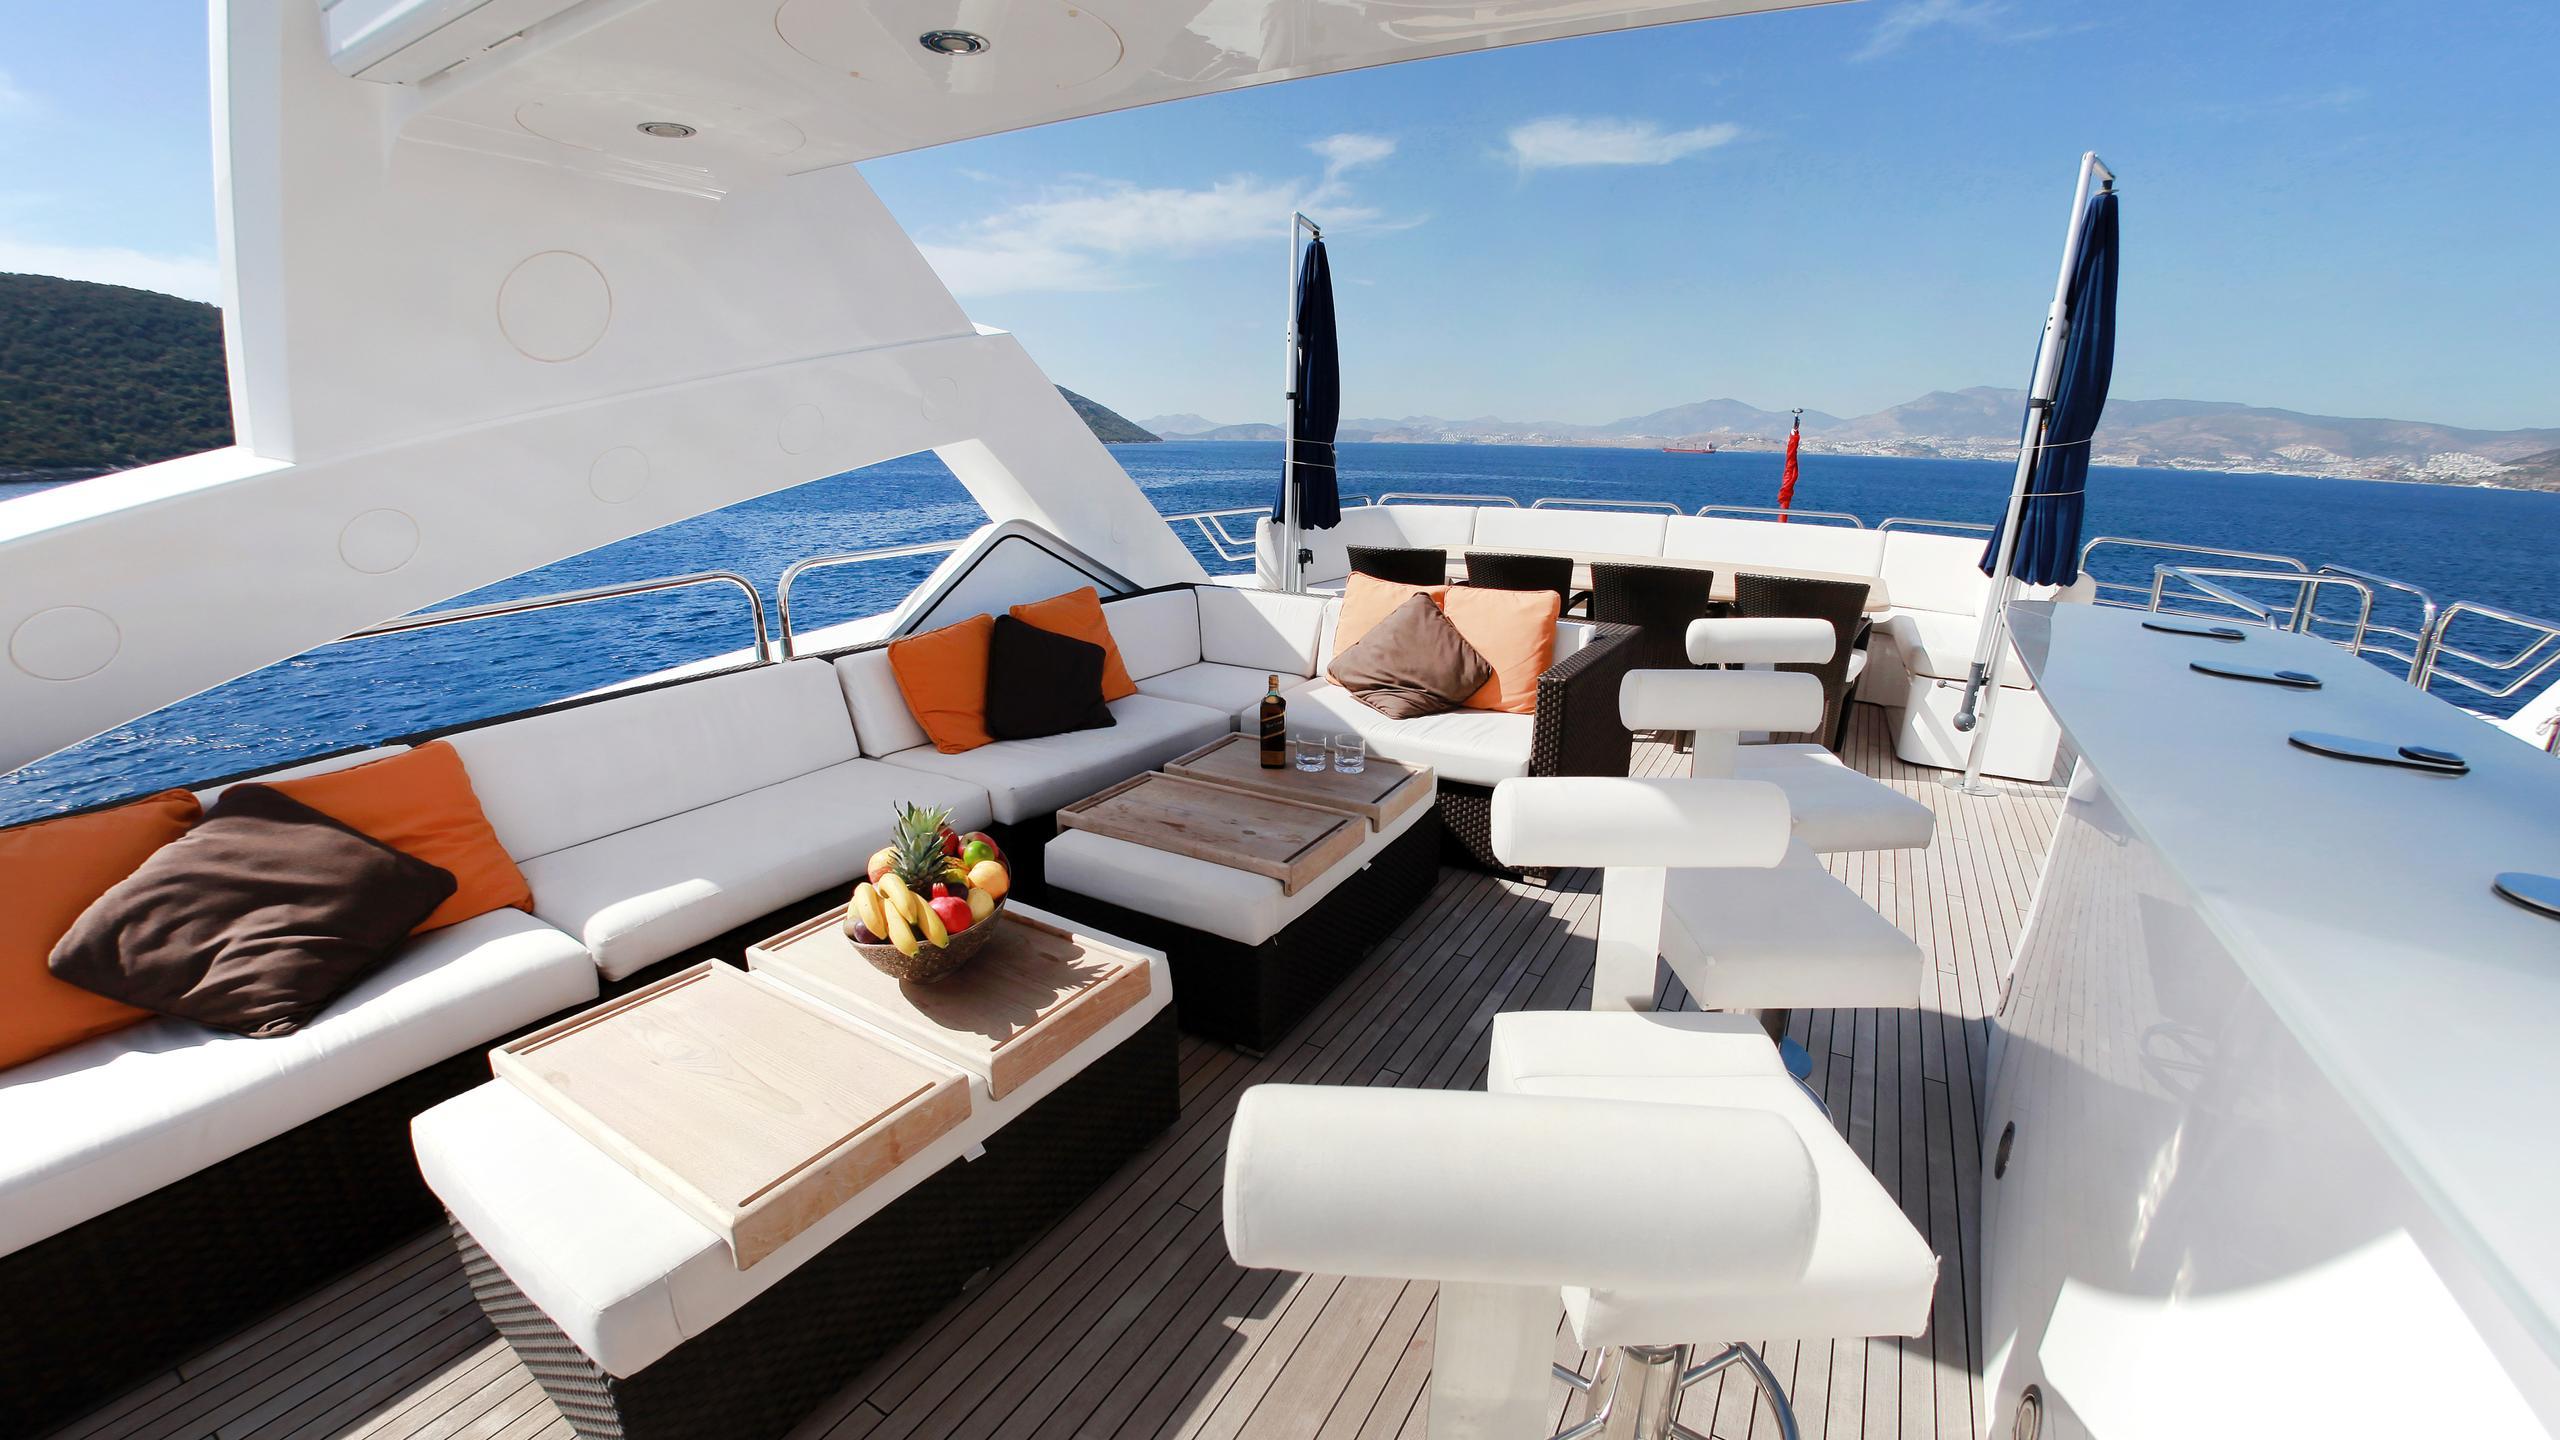 barracuda-red-sea-yacht-sun-deck-bar